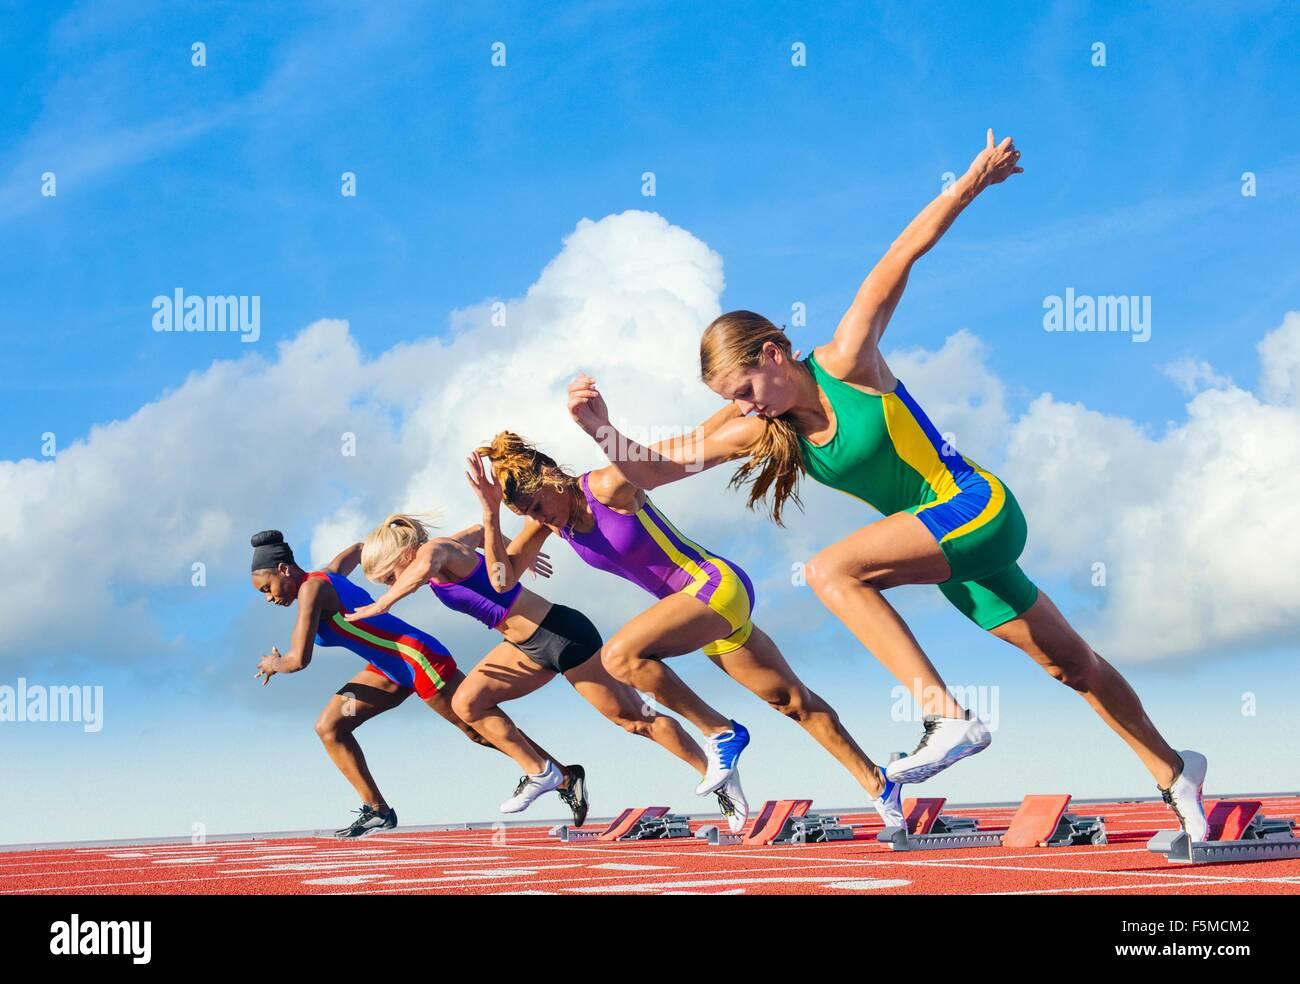 Four female athletes on athletics track, starting race - Stock Image